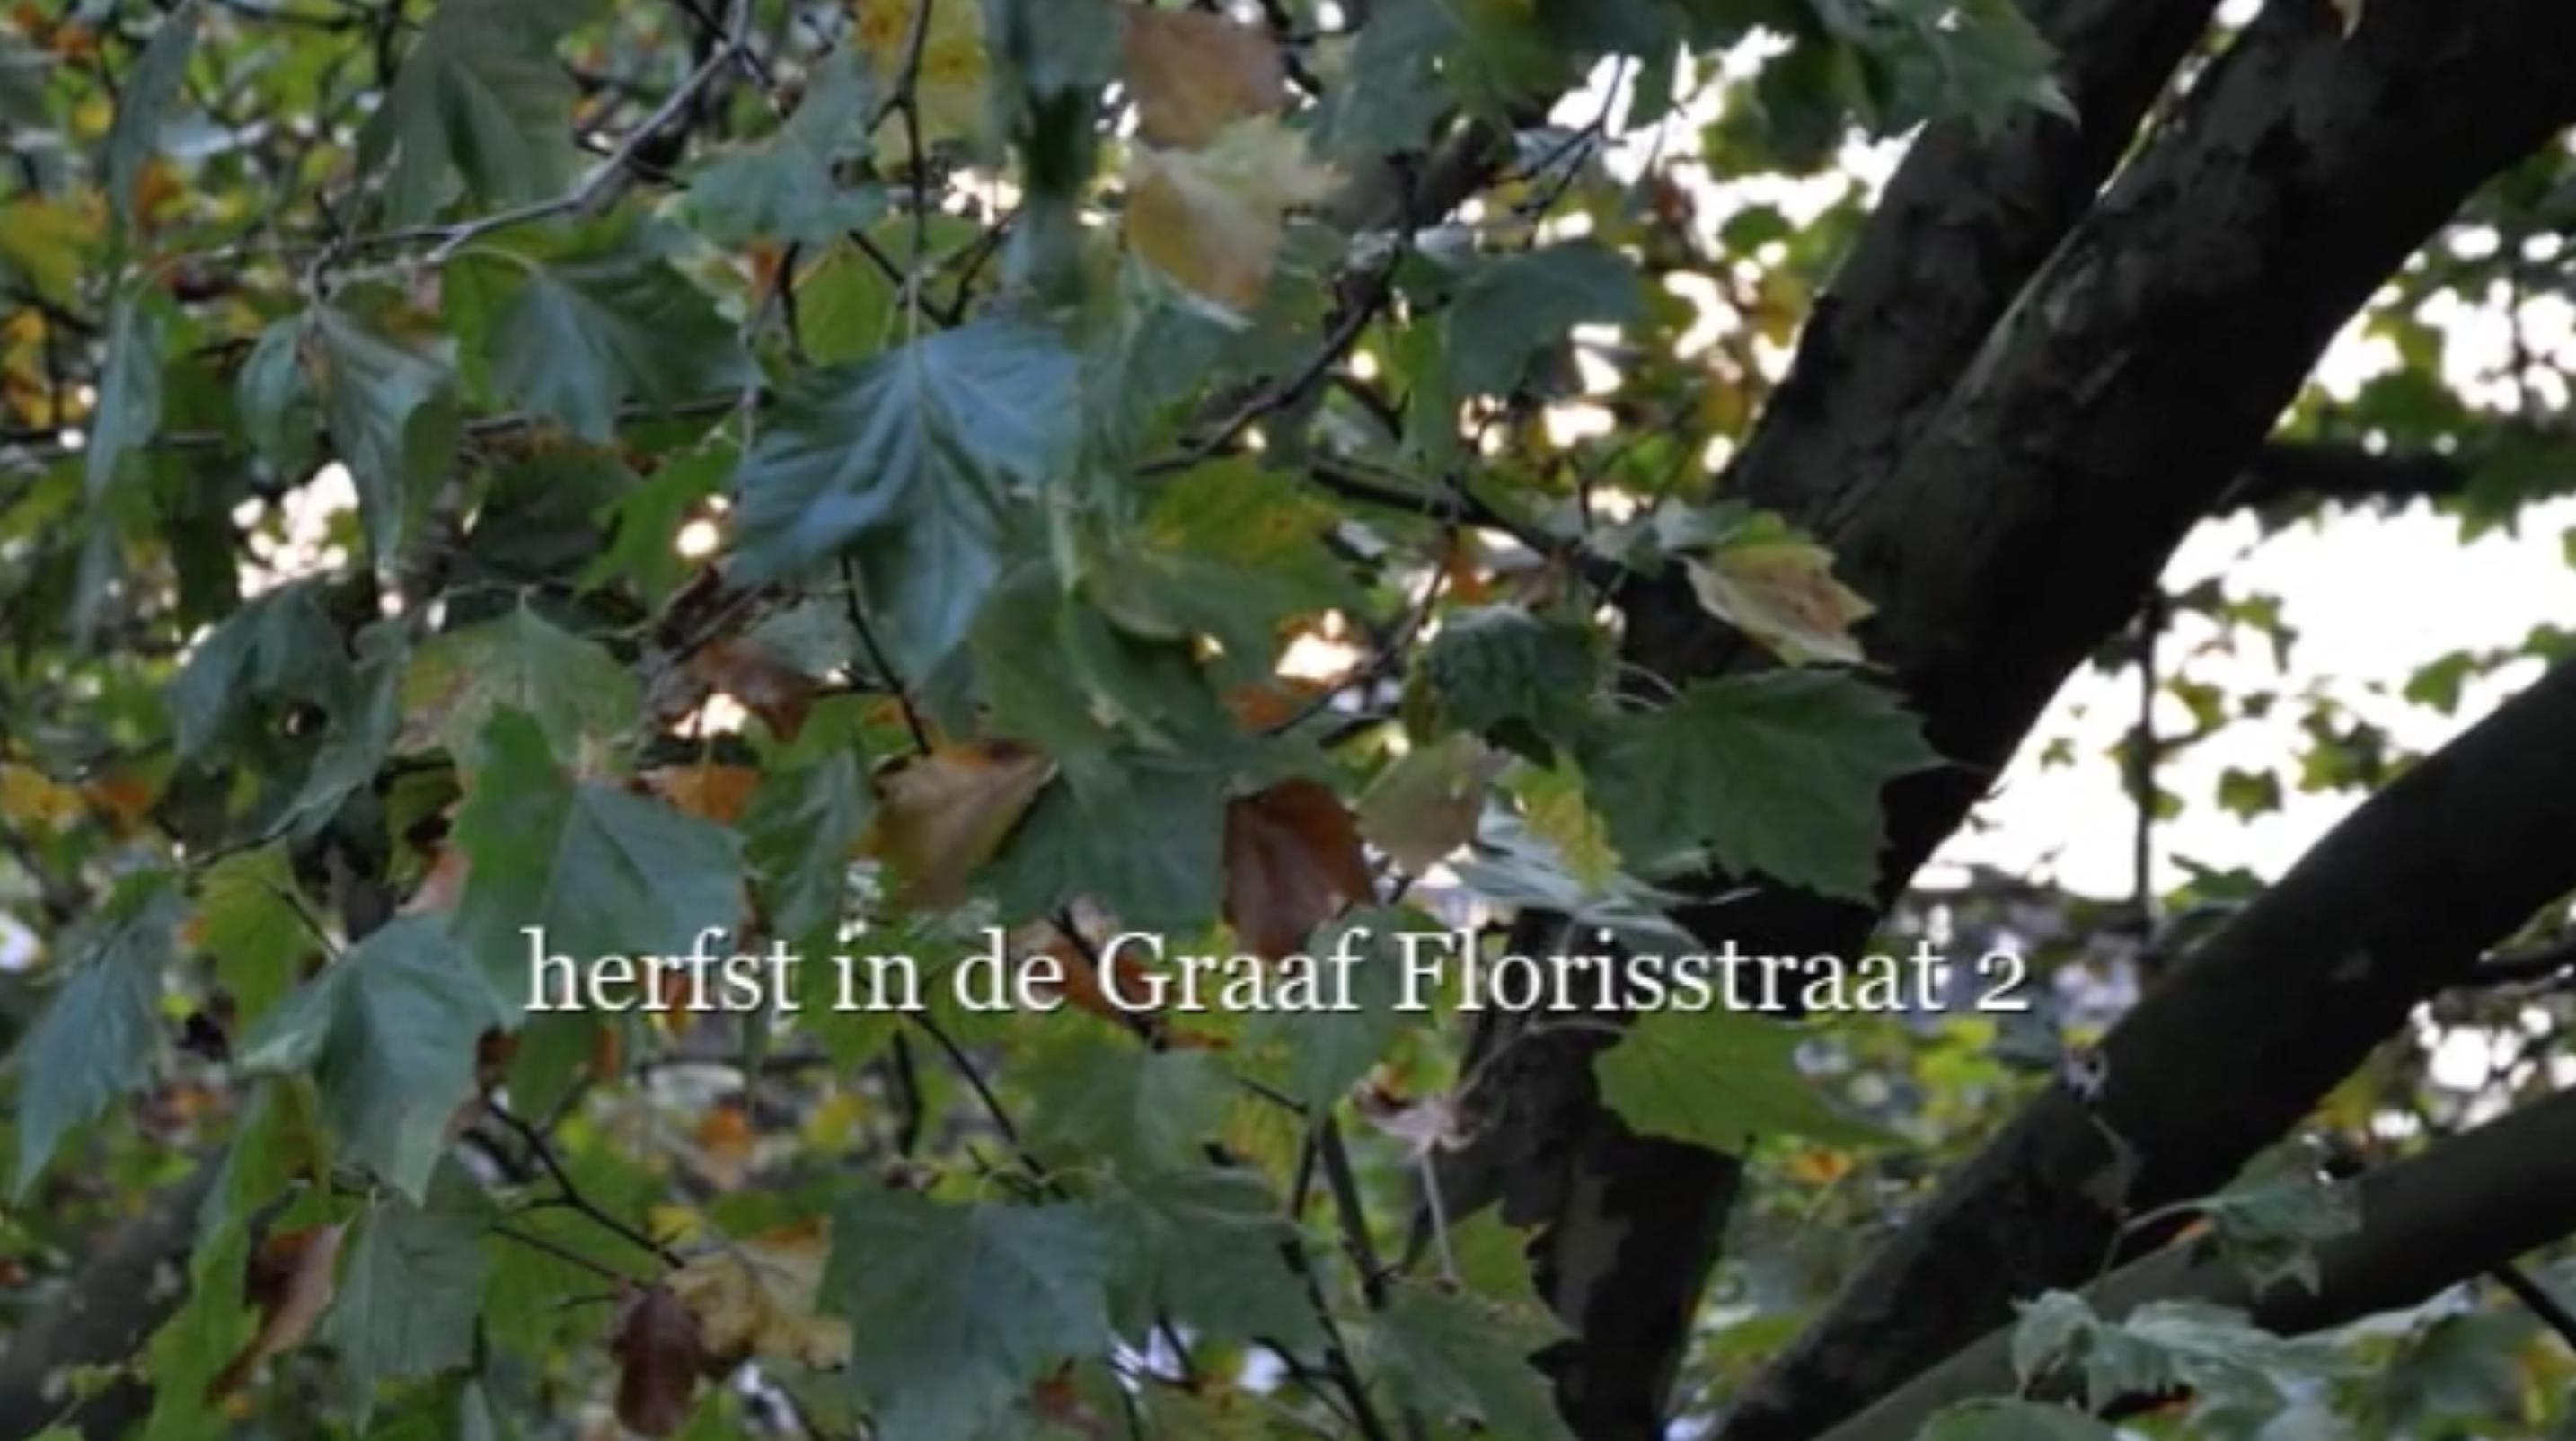 Herfst in de Graaf Florisstraat